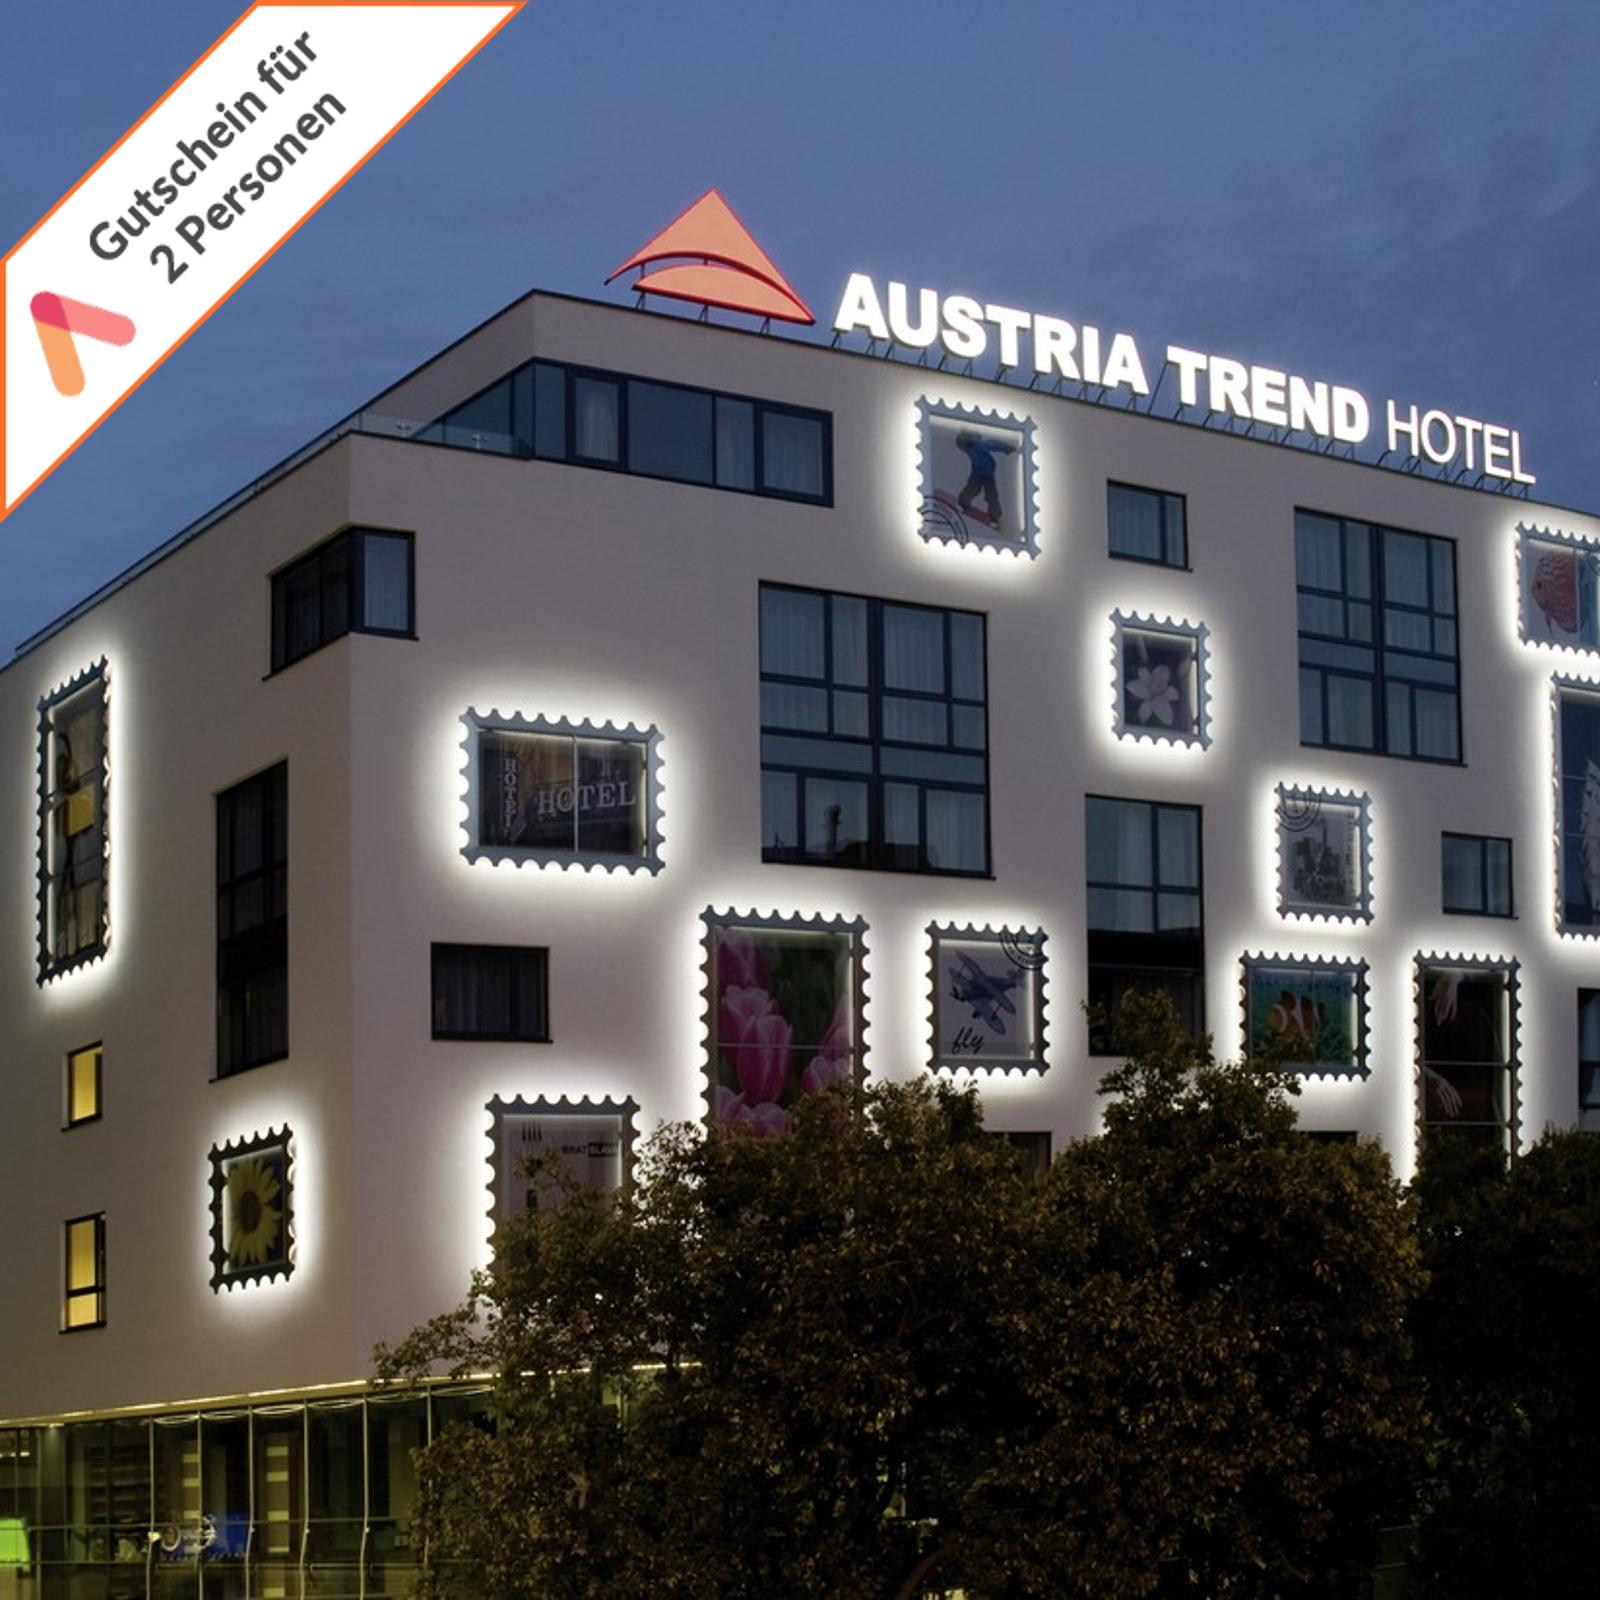 Kurzurlaub-Bratislava-Slowakei-Donau-3-Tage-4-Sterne-Hotel-2-Personen-Gutschein